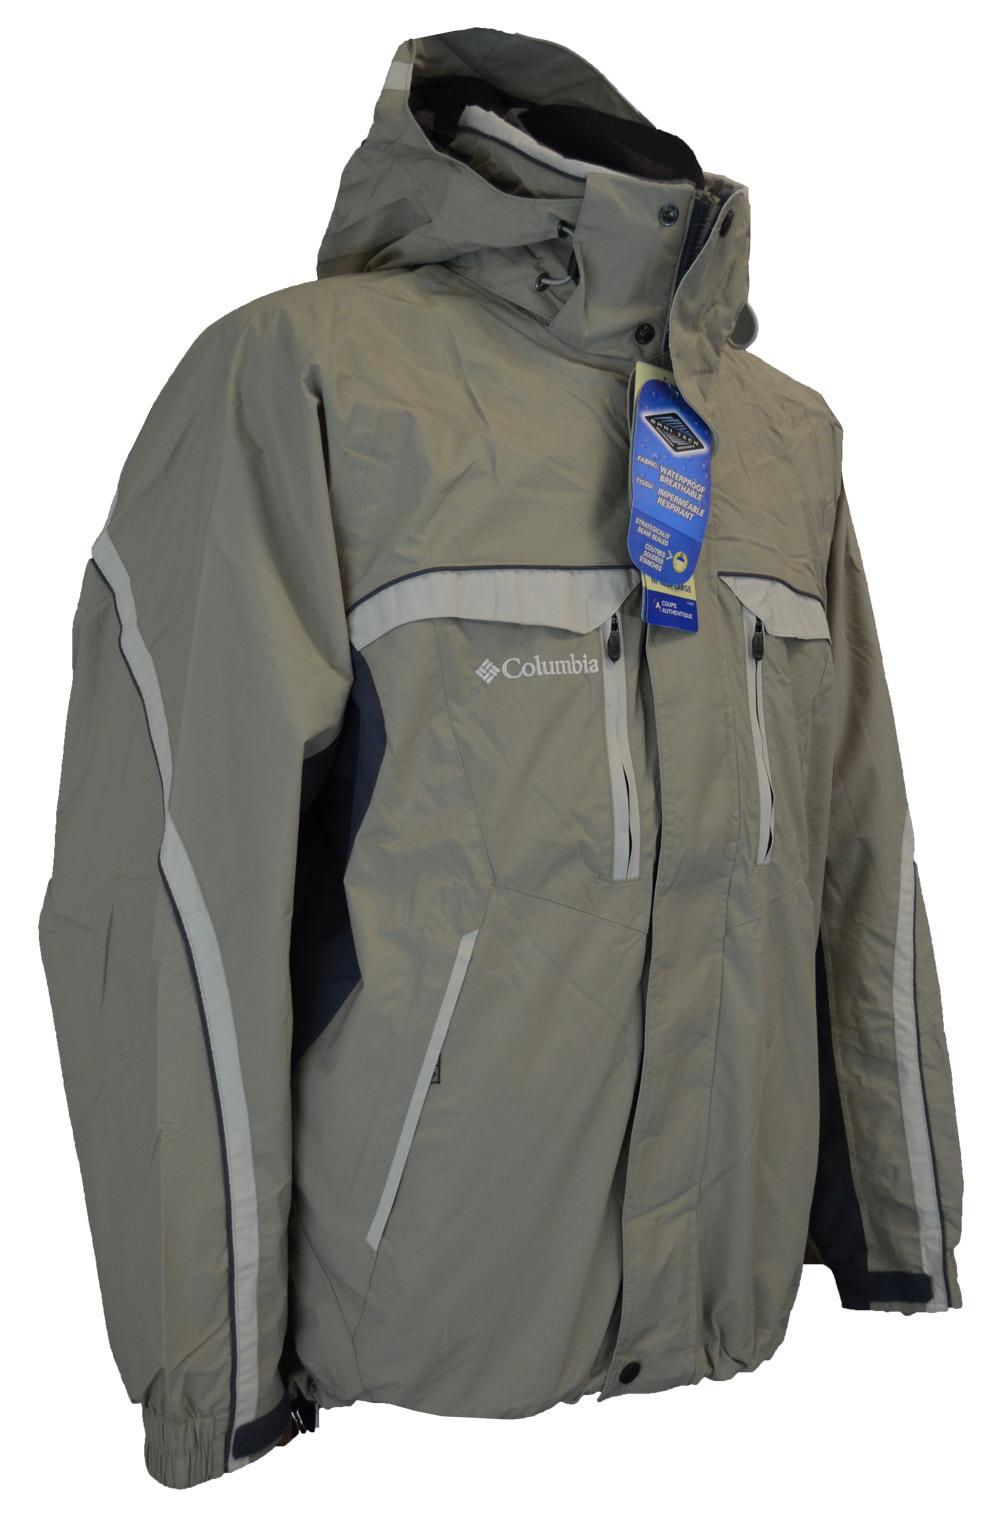 8963c8aa90af Купить куртку Columbia 2 в 1 в Киеве, мужская куртка с подстежкой ...